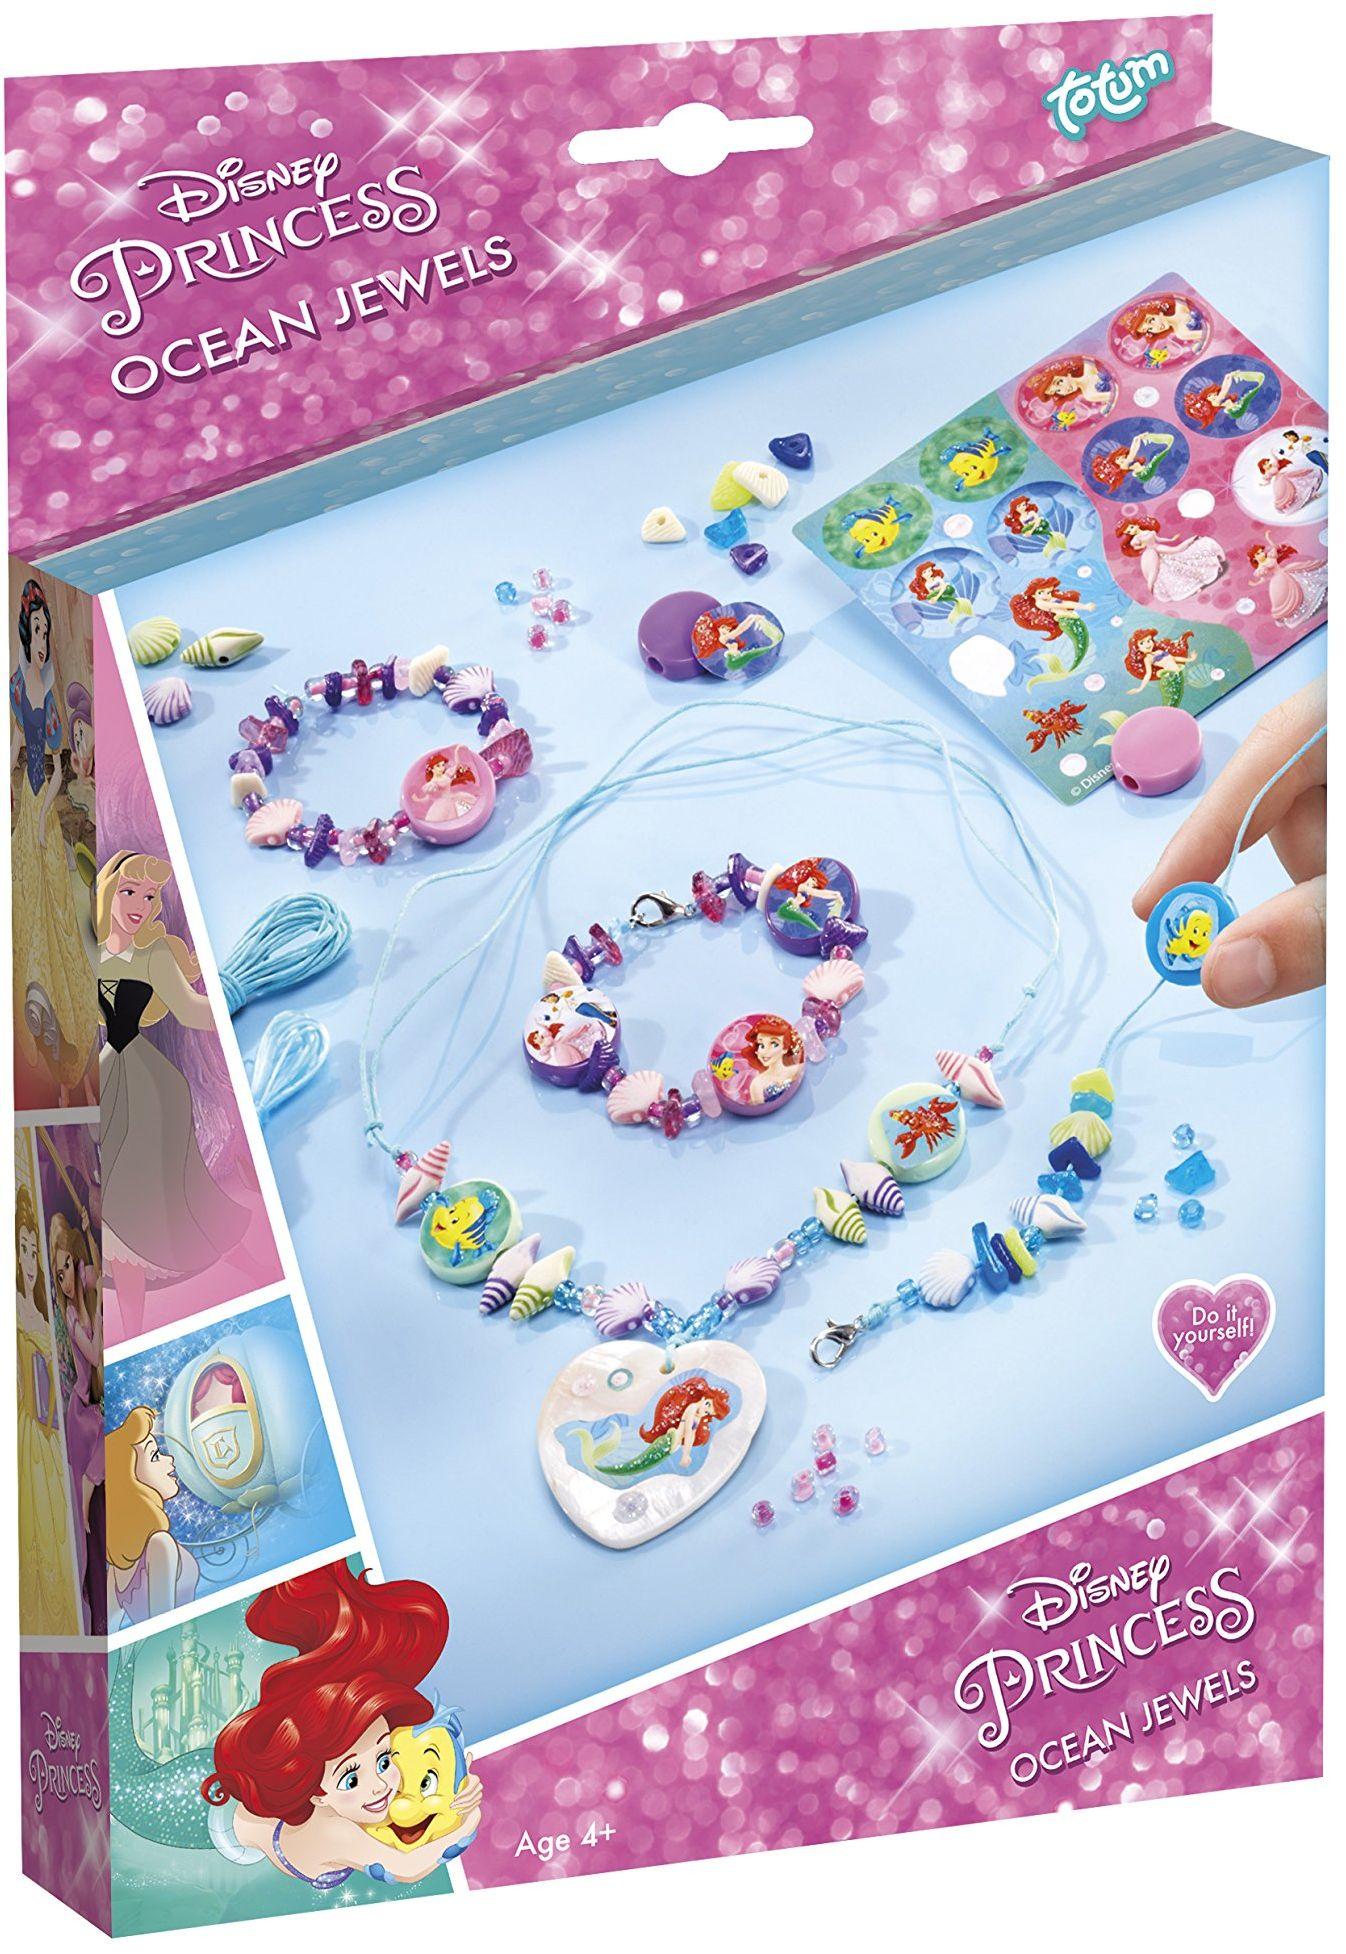 Totum Disney Princess Zestaw Bizuterii Ocean Jewels w Pudelku Prezentowym